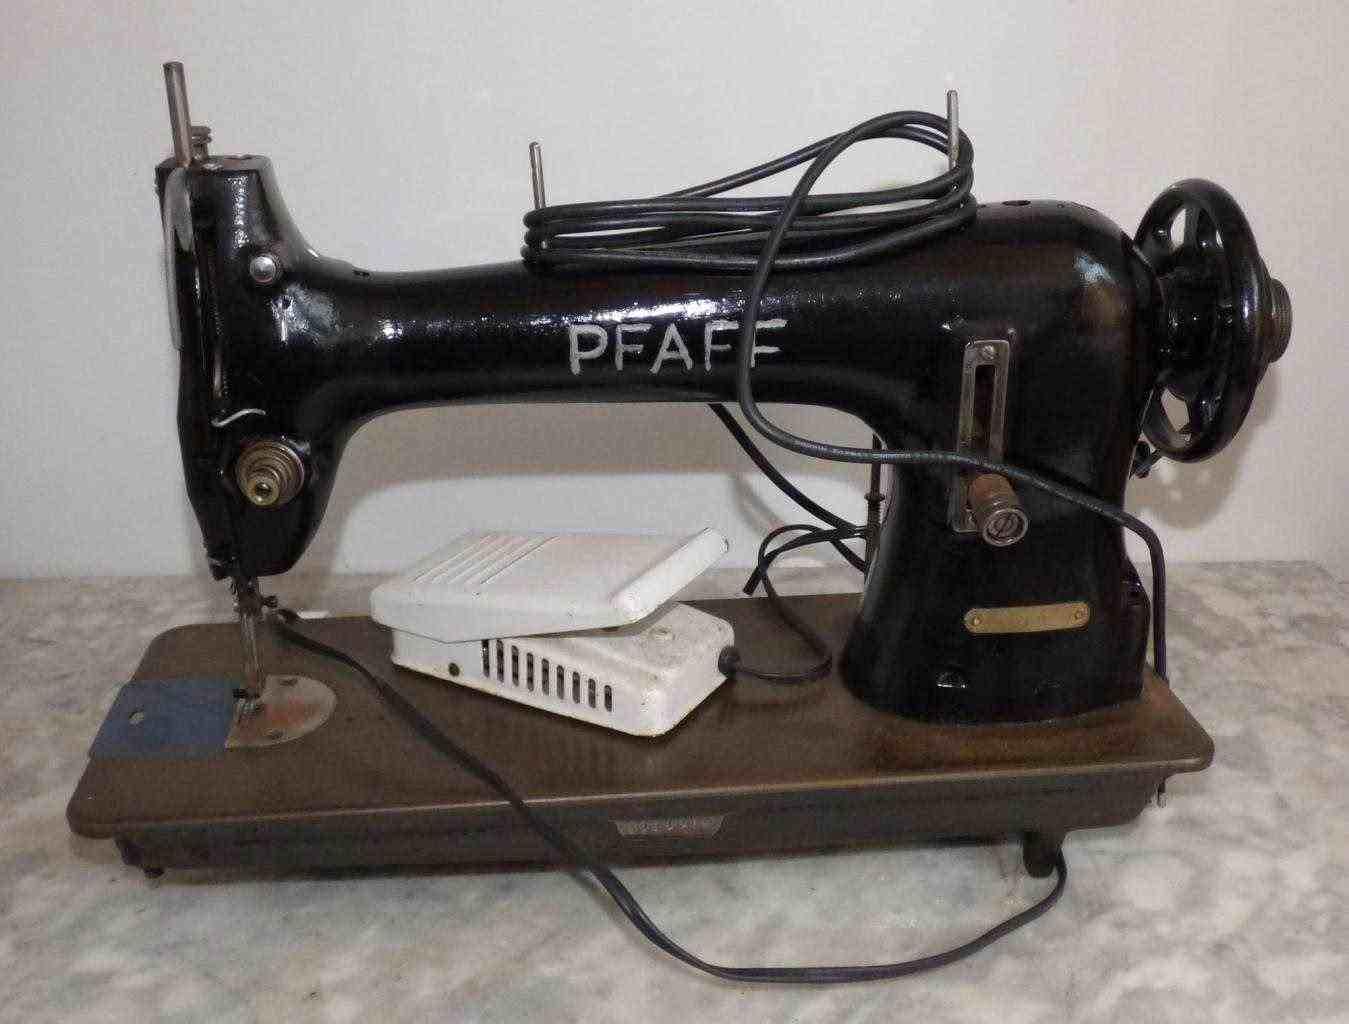 Macchina da cucire vintage pfaff modello 34-4